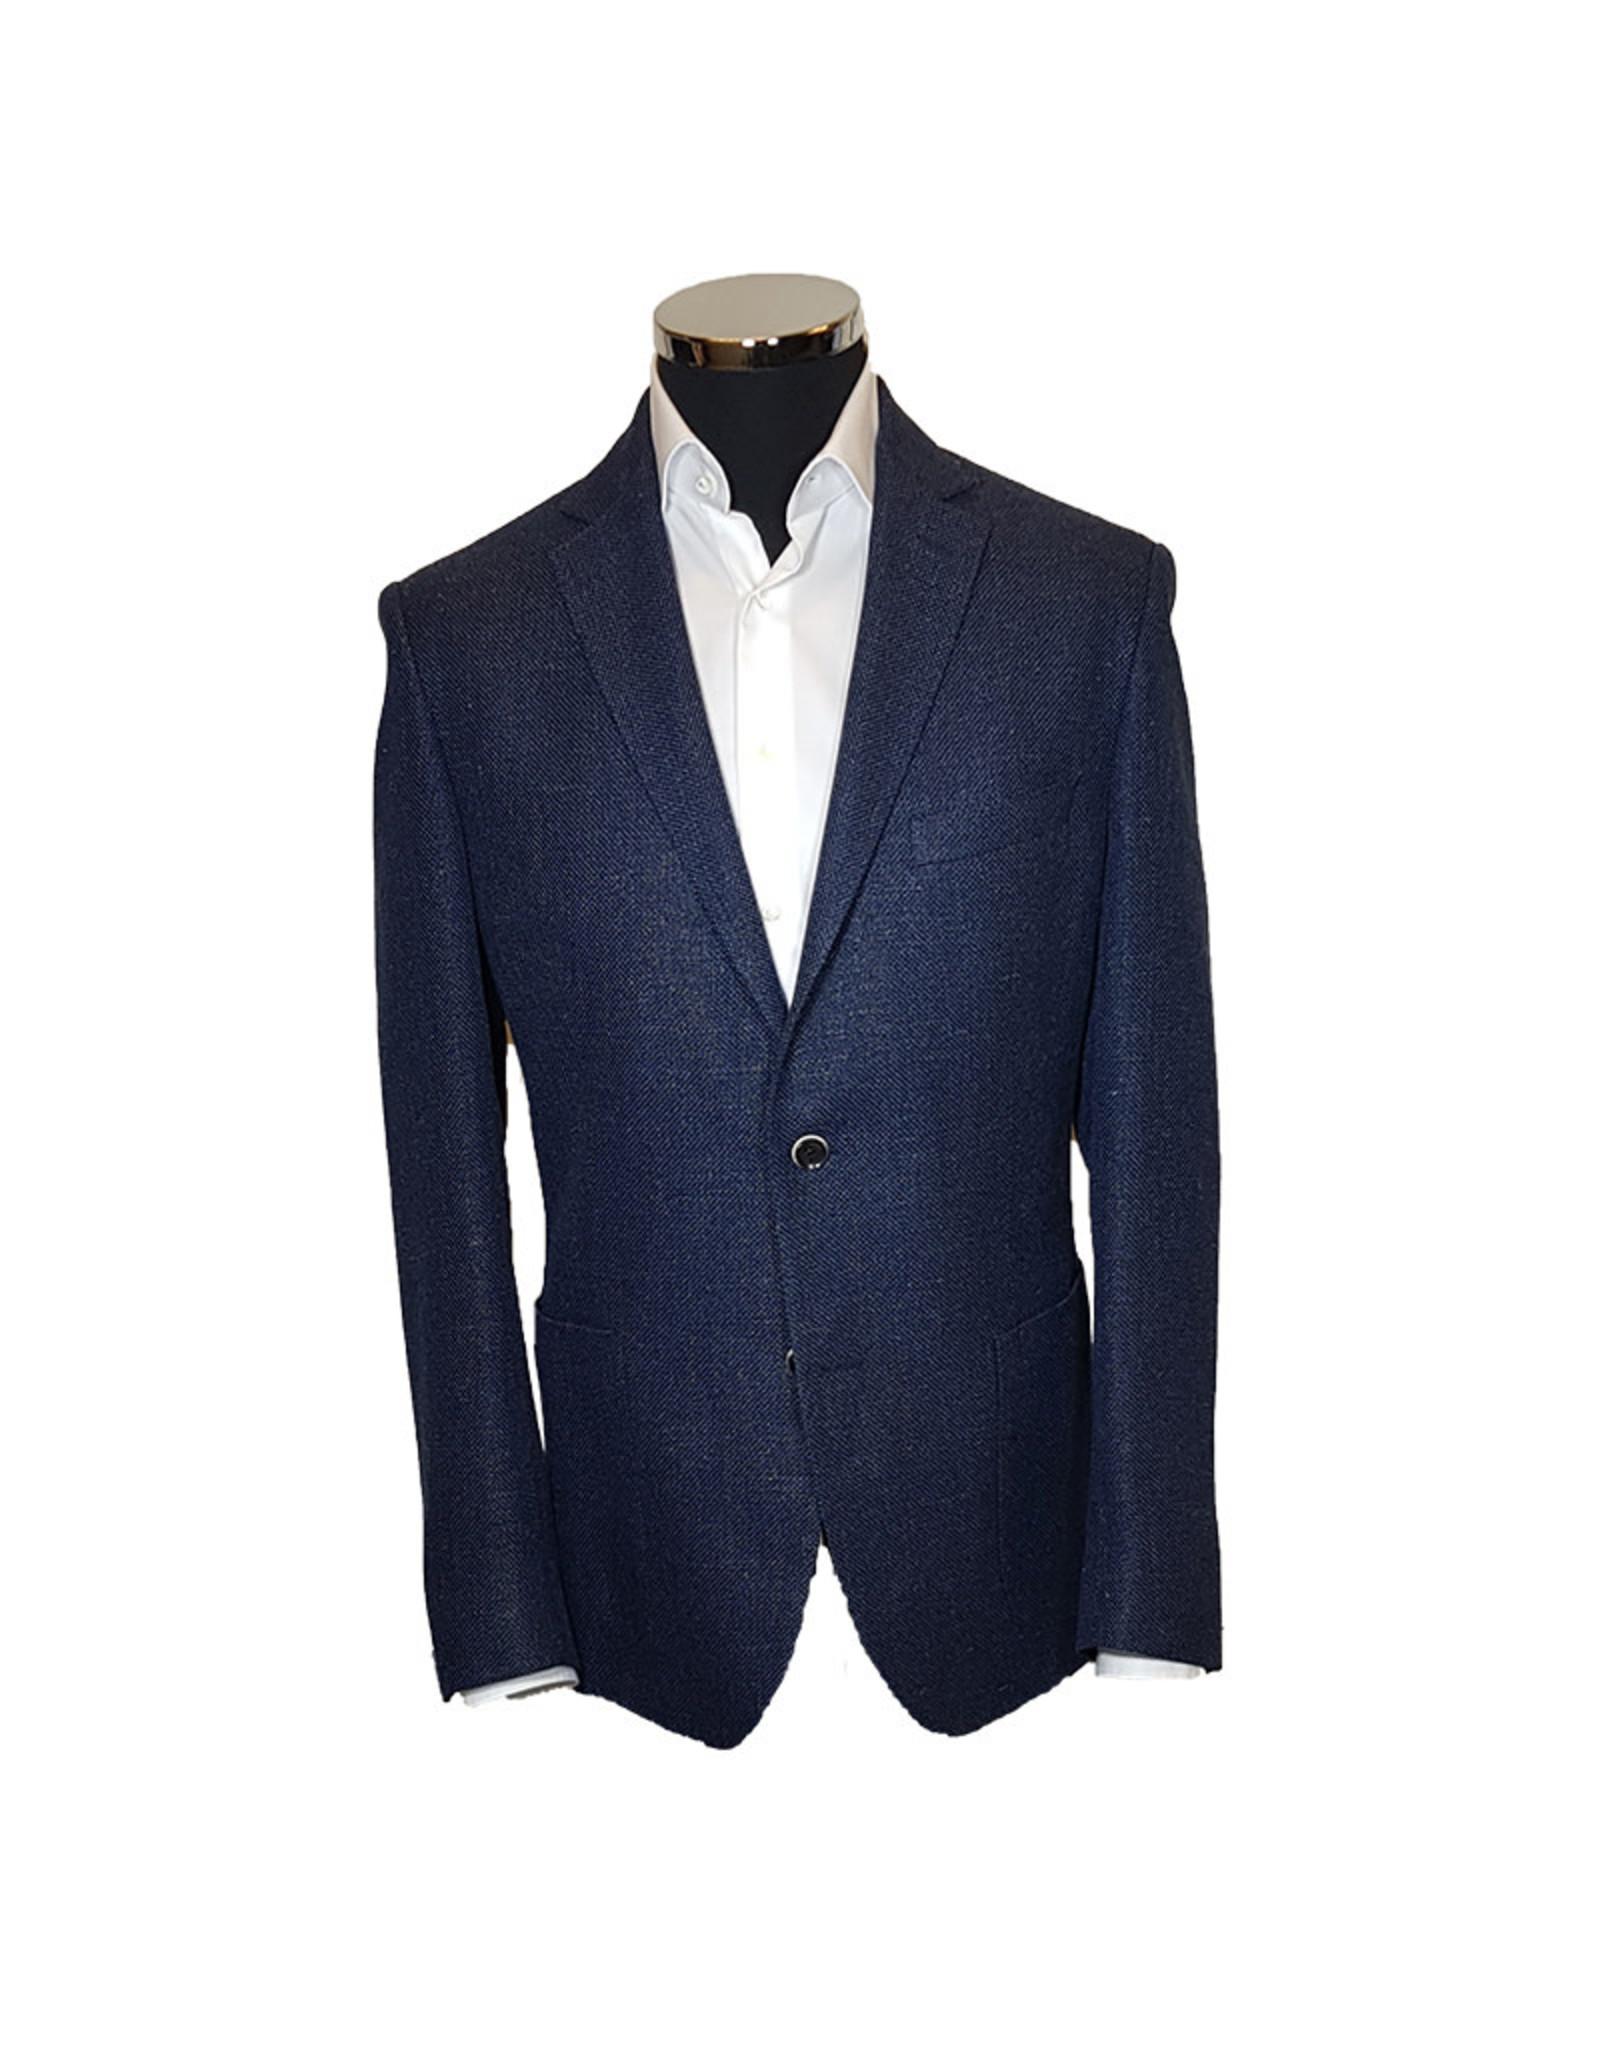 Eduard Dressler Dressler vest blauw 45057/45 Sendrik-HF